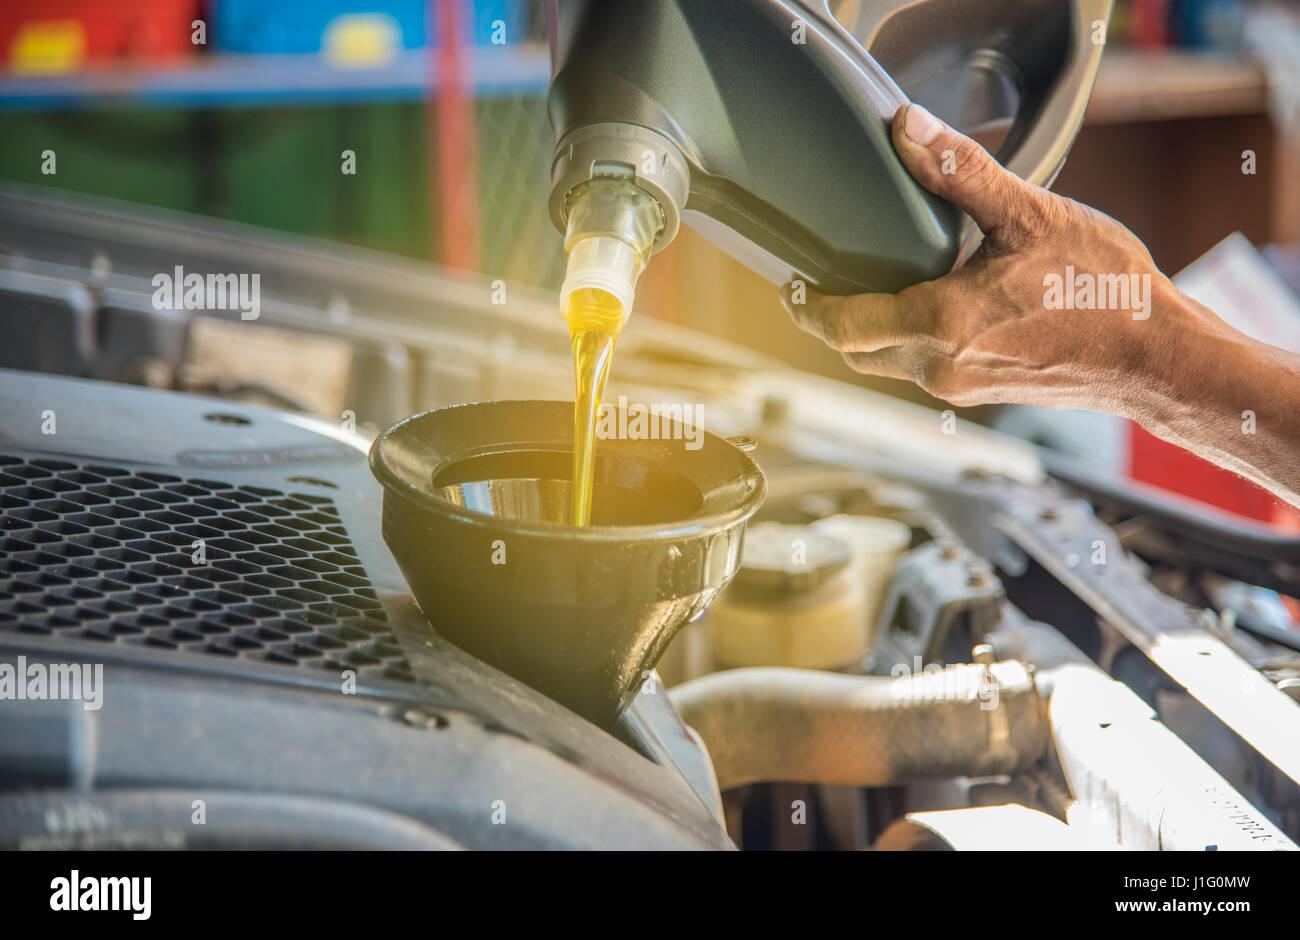 Auto manutenzione manutenzione meccanico versando olio nuovo lubrificante in il motore dell'auto, un meccanico Immagini Stock